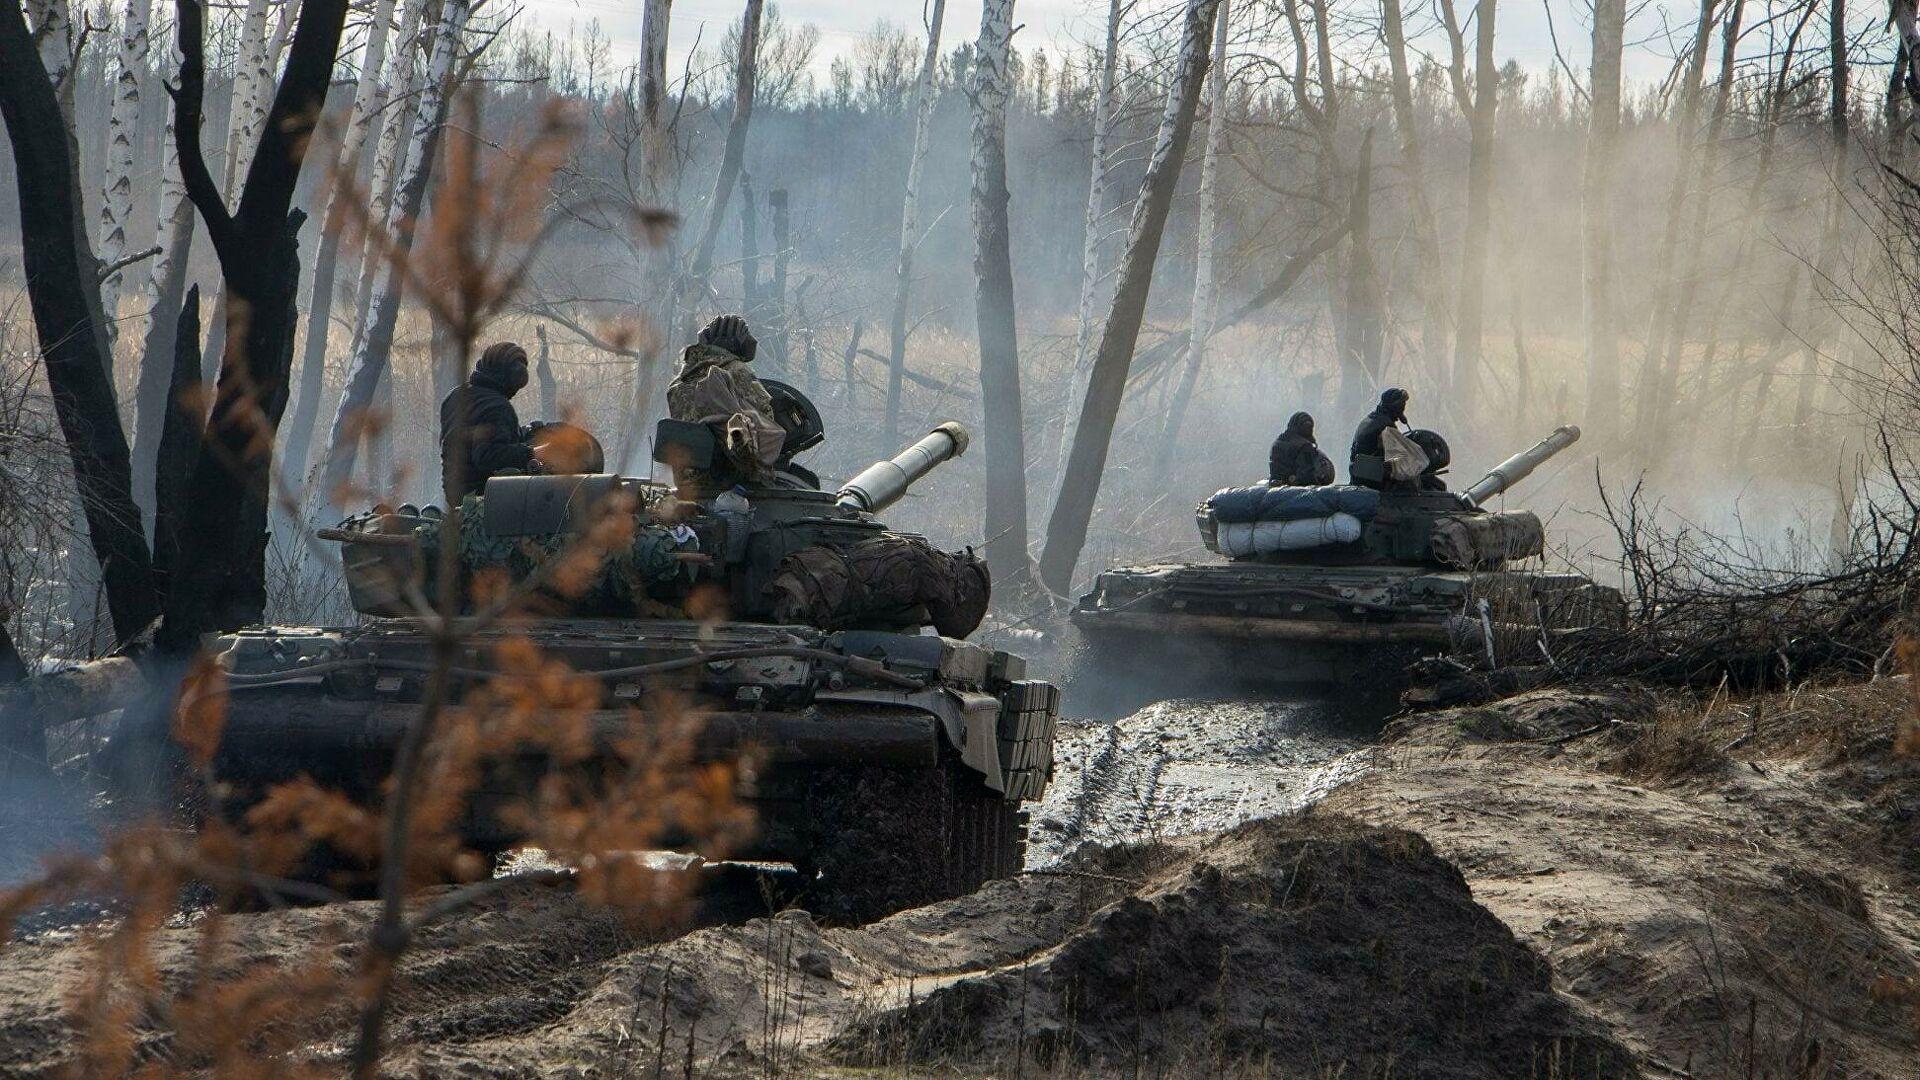 Командант украјинске војске: Могућа офанзива у Донбасу